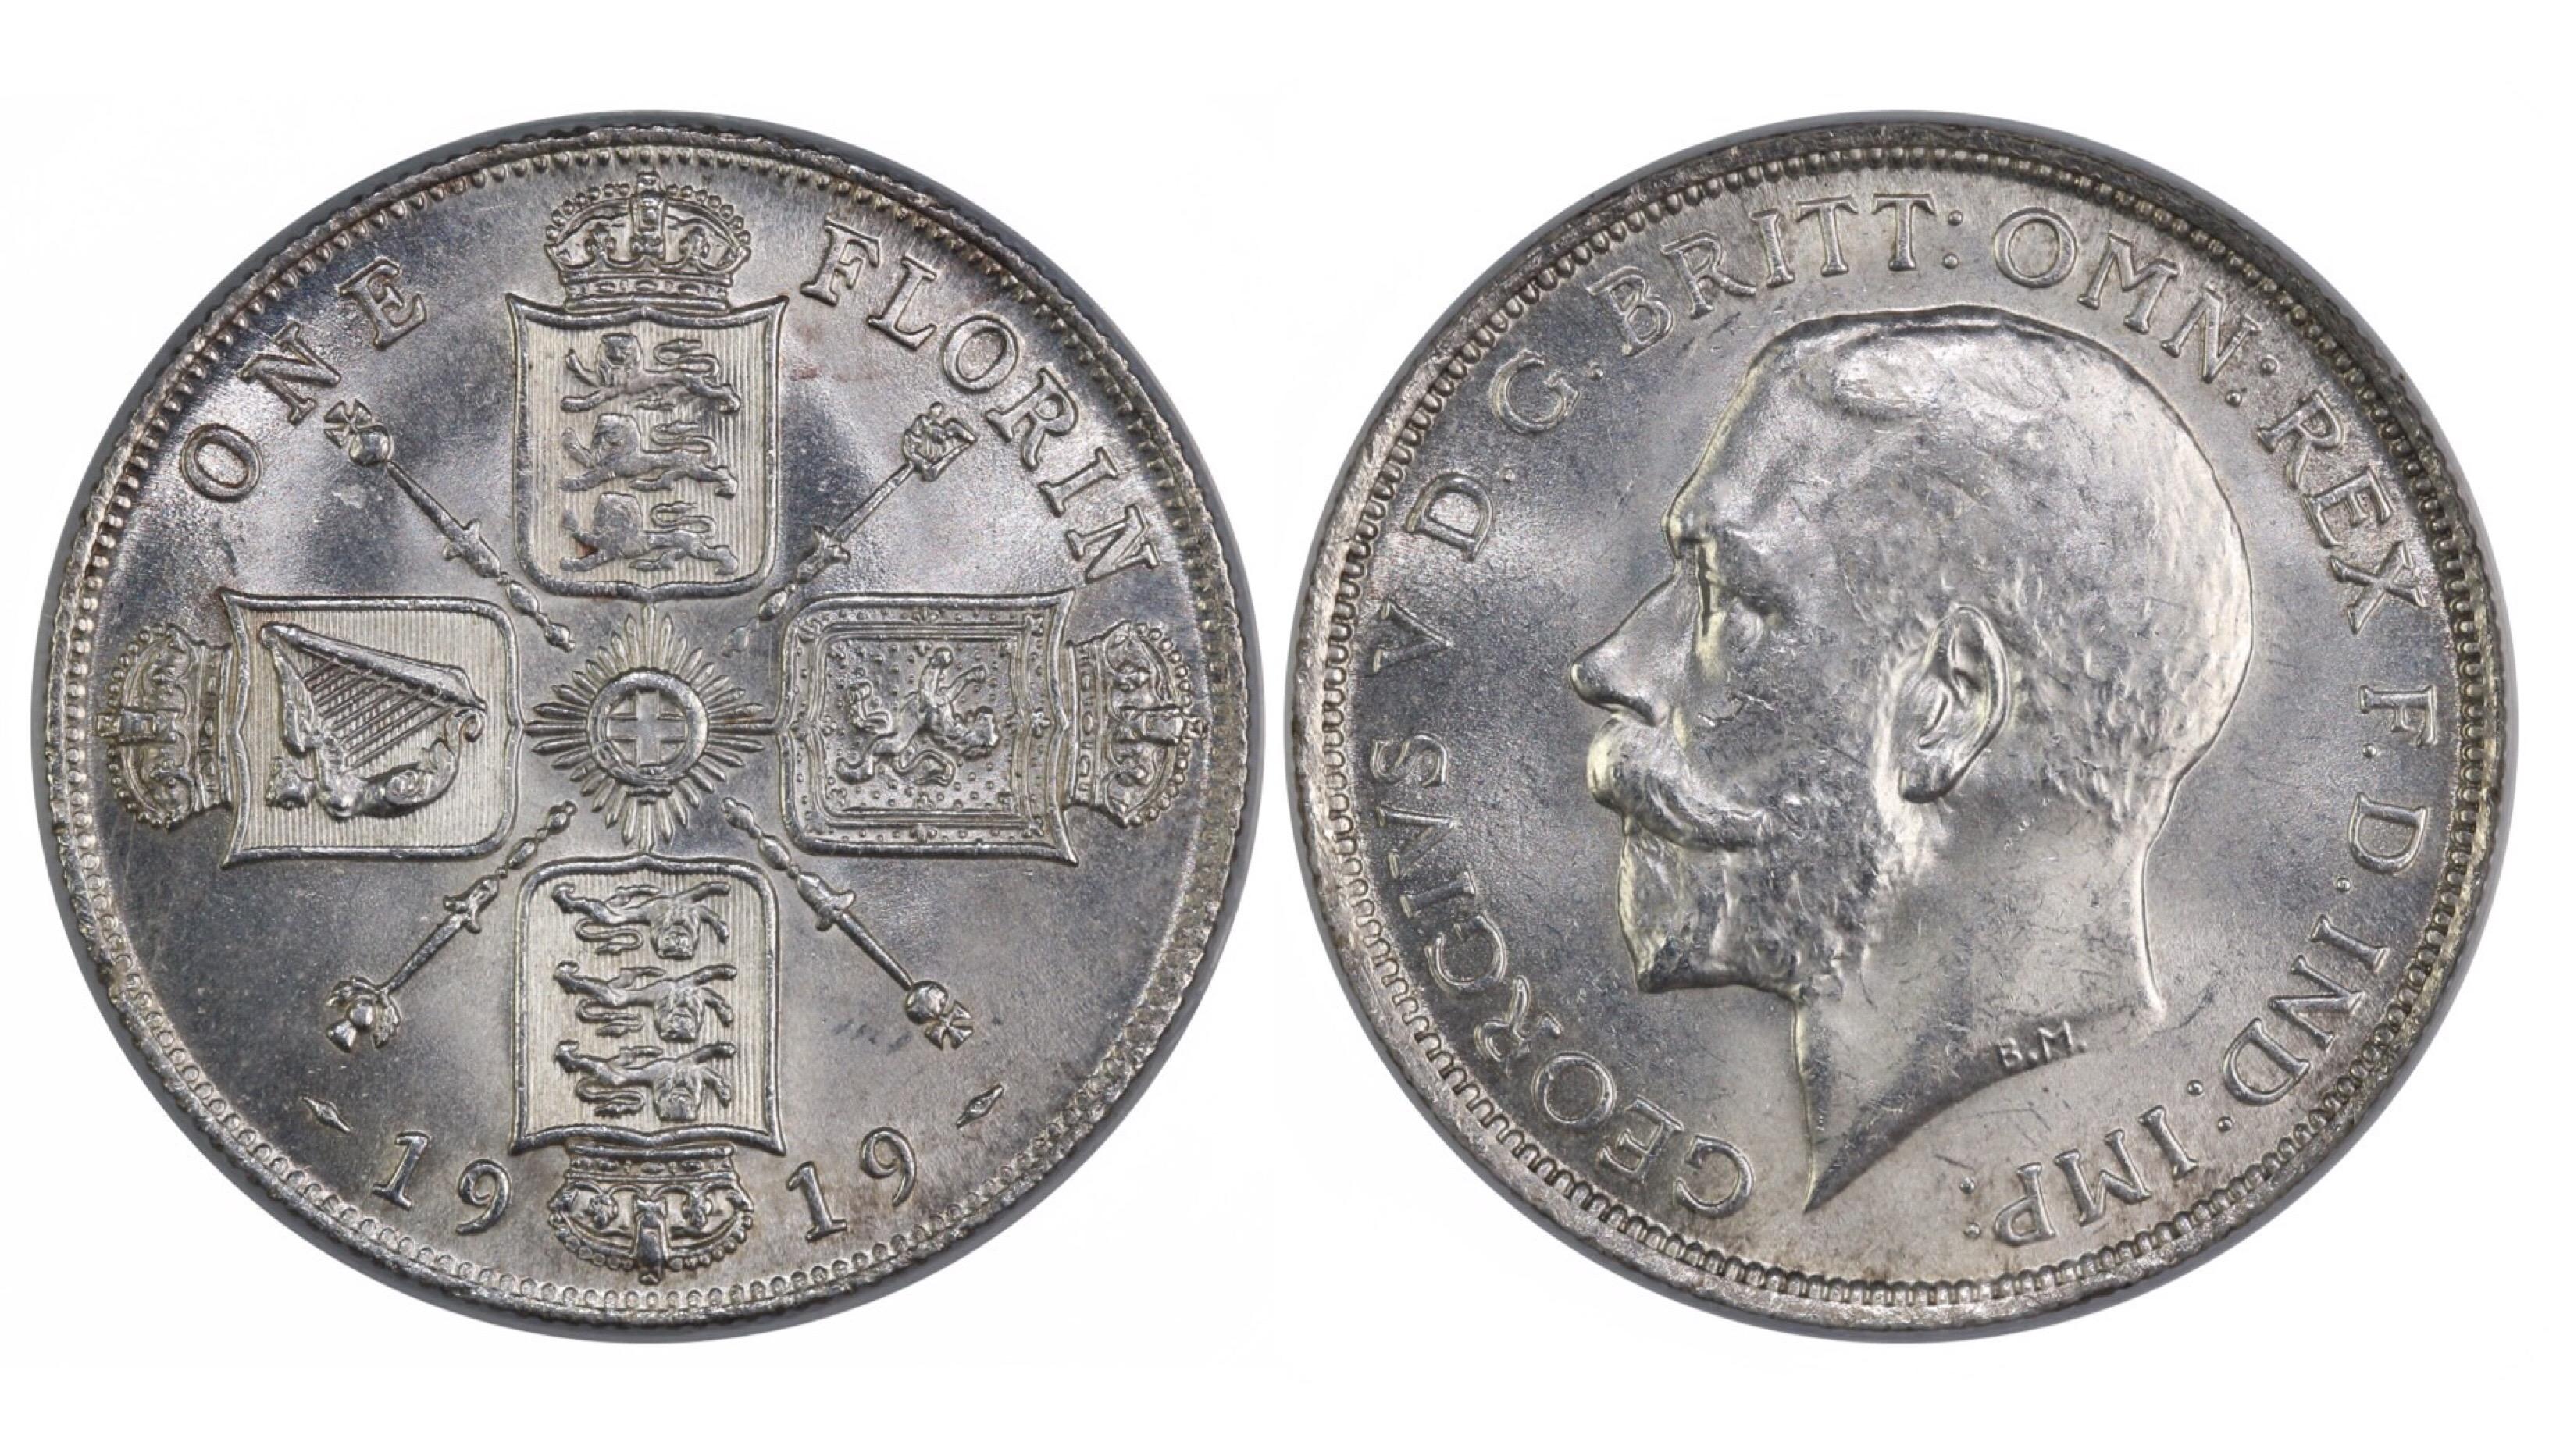 1919 Florin, CGS 75, UNC or near so, George V, ESC 938, UIN 29607